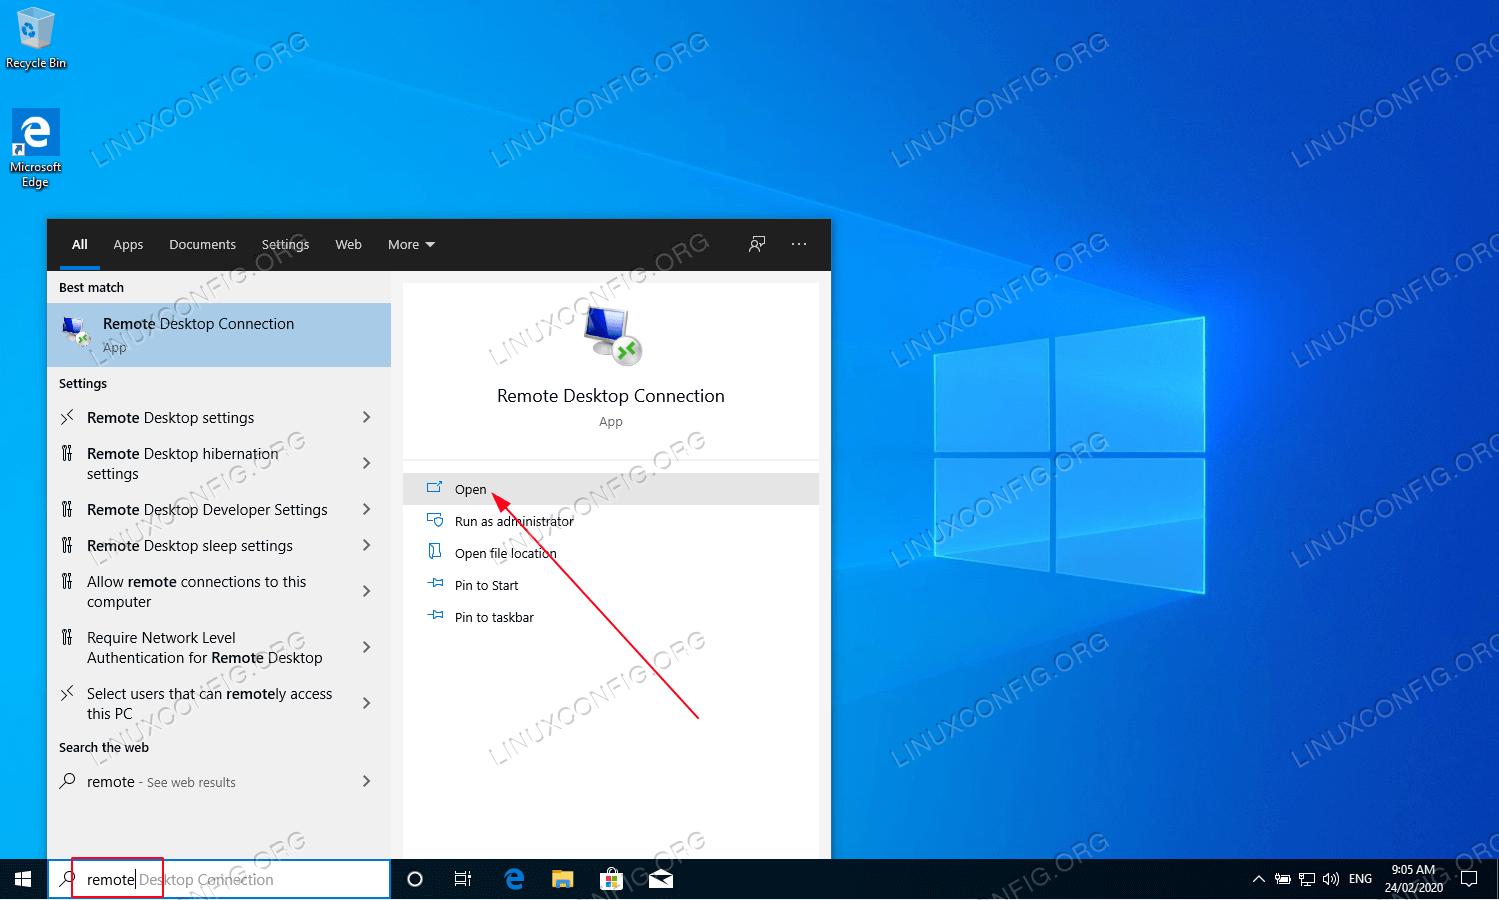 Vá para o host do Windows 10 e abra o cliente de Conexão de Área de Trabalho Remota.